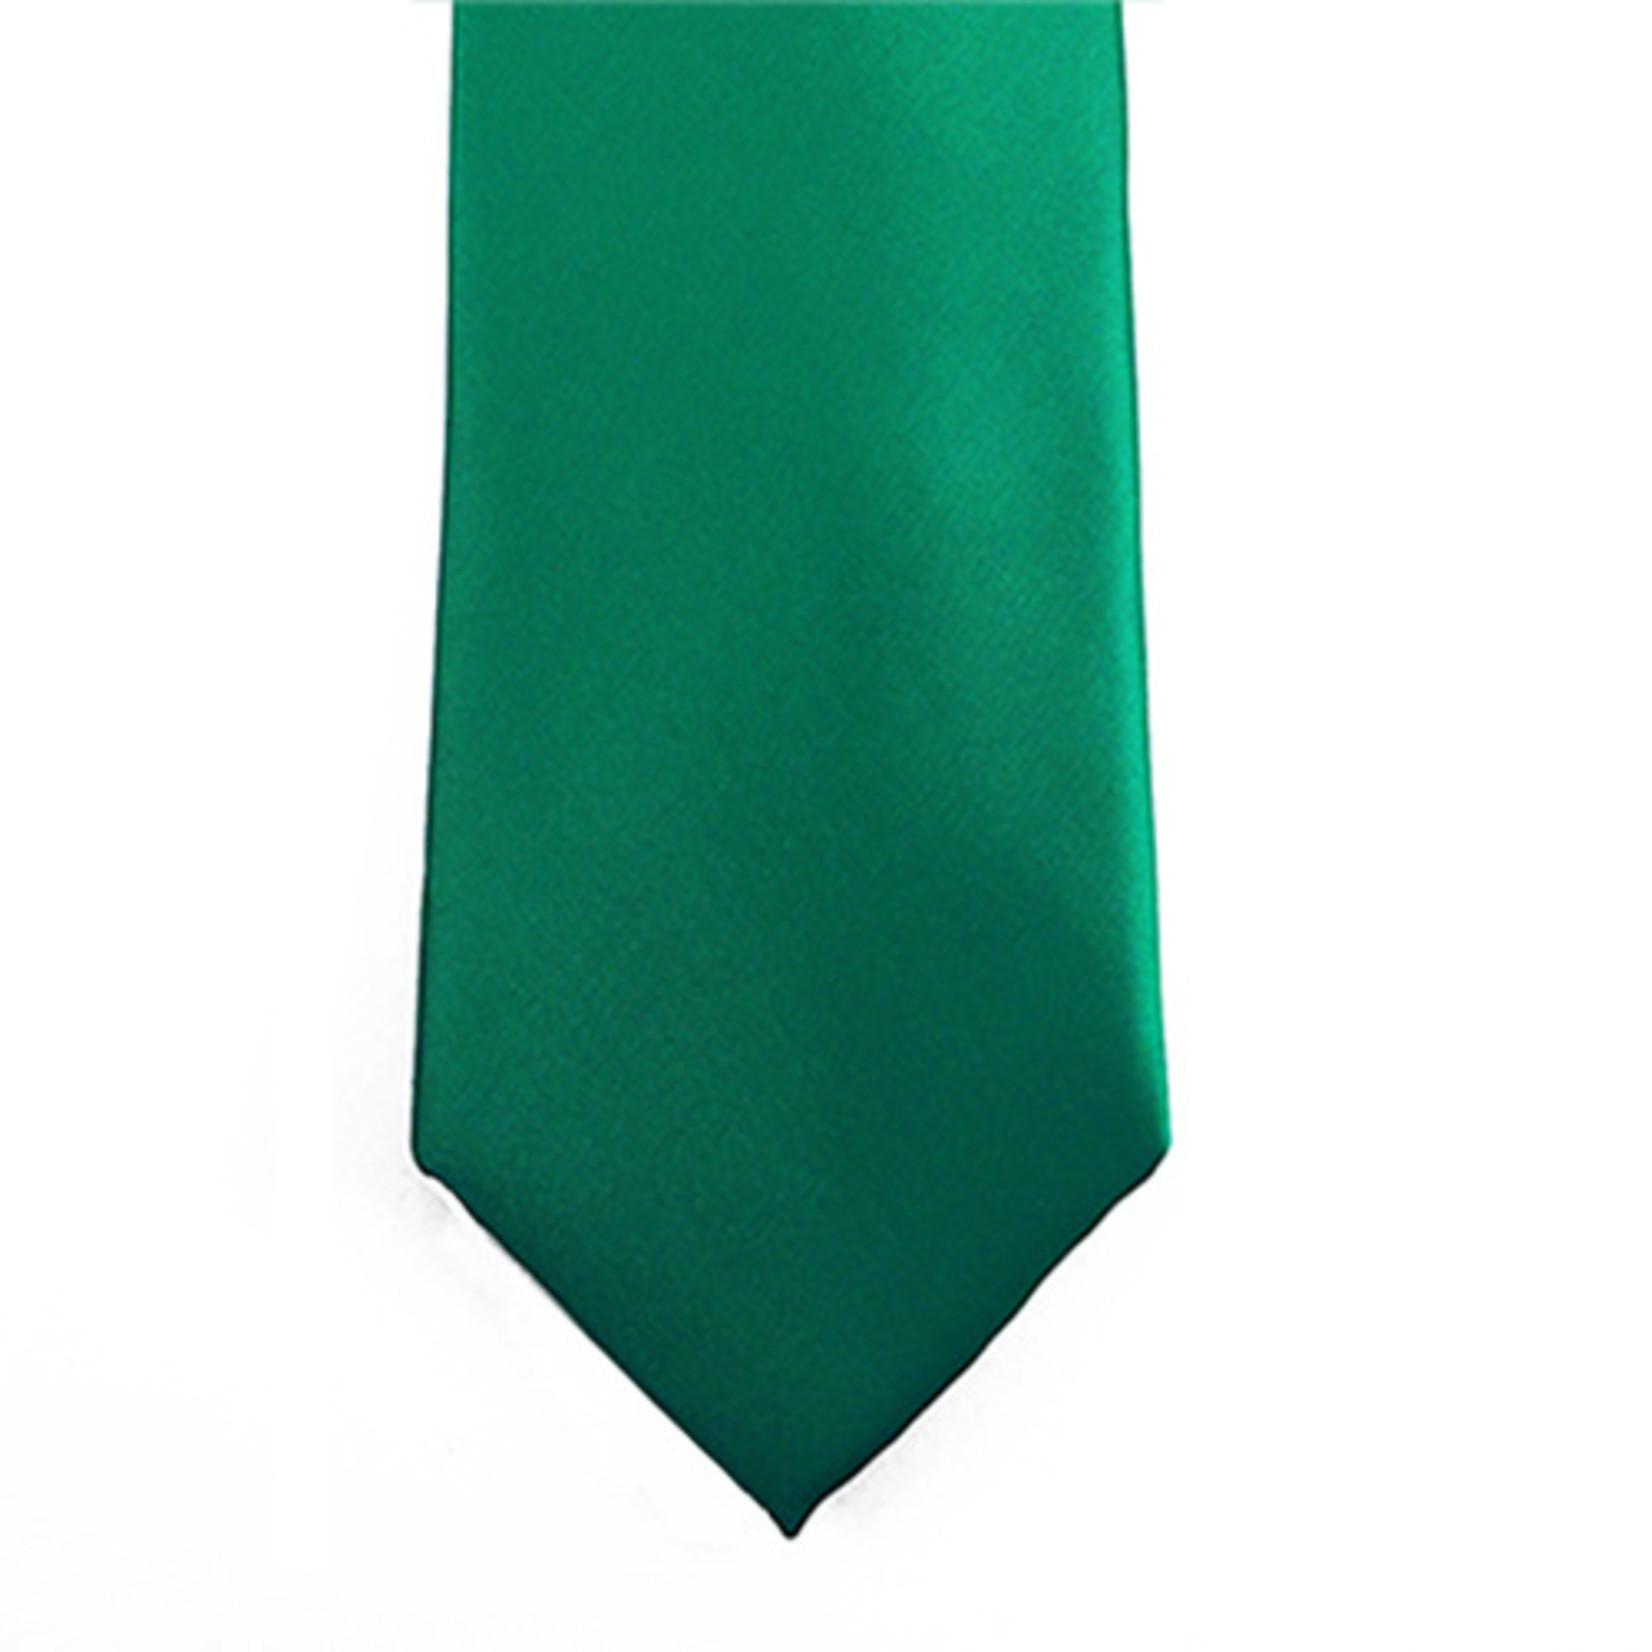 Knotz M100-62 Solid Emerald Tie